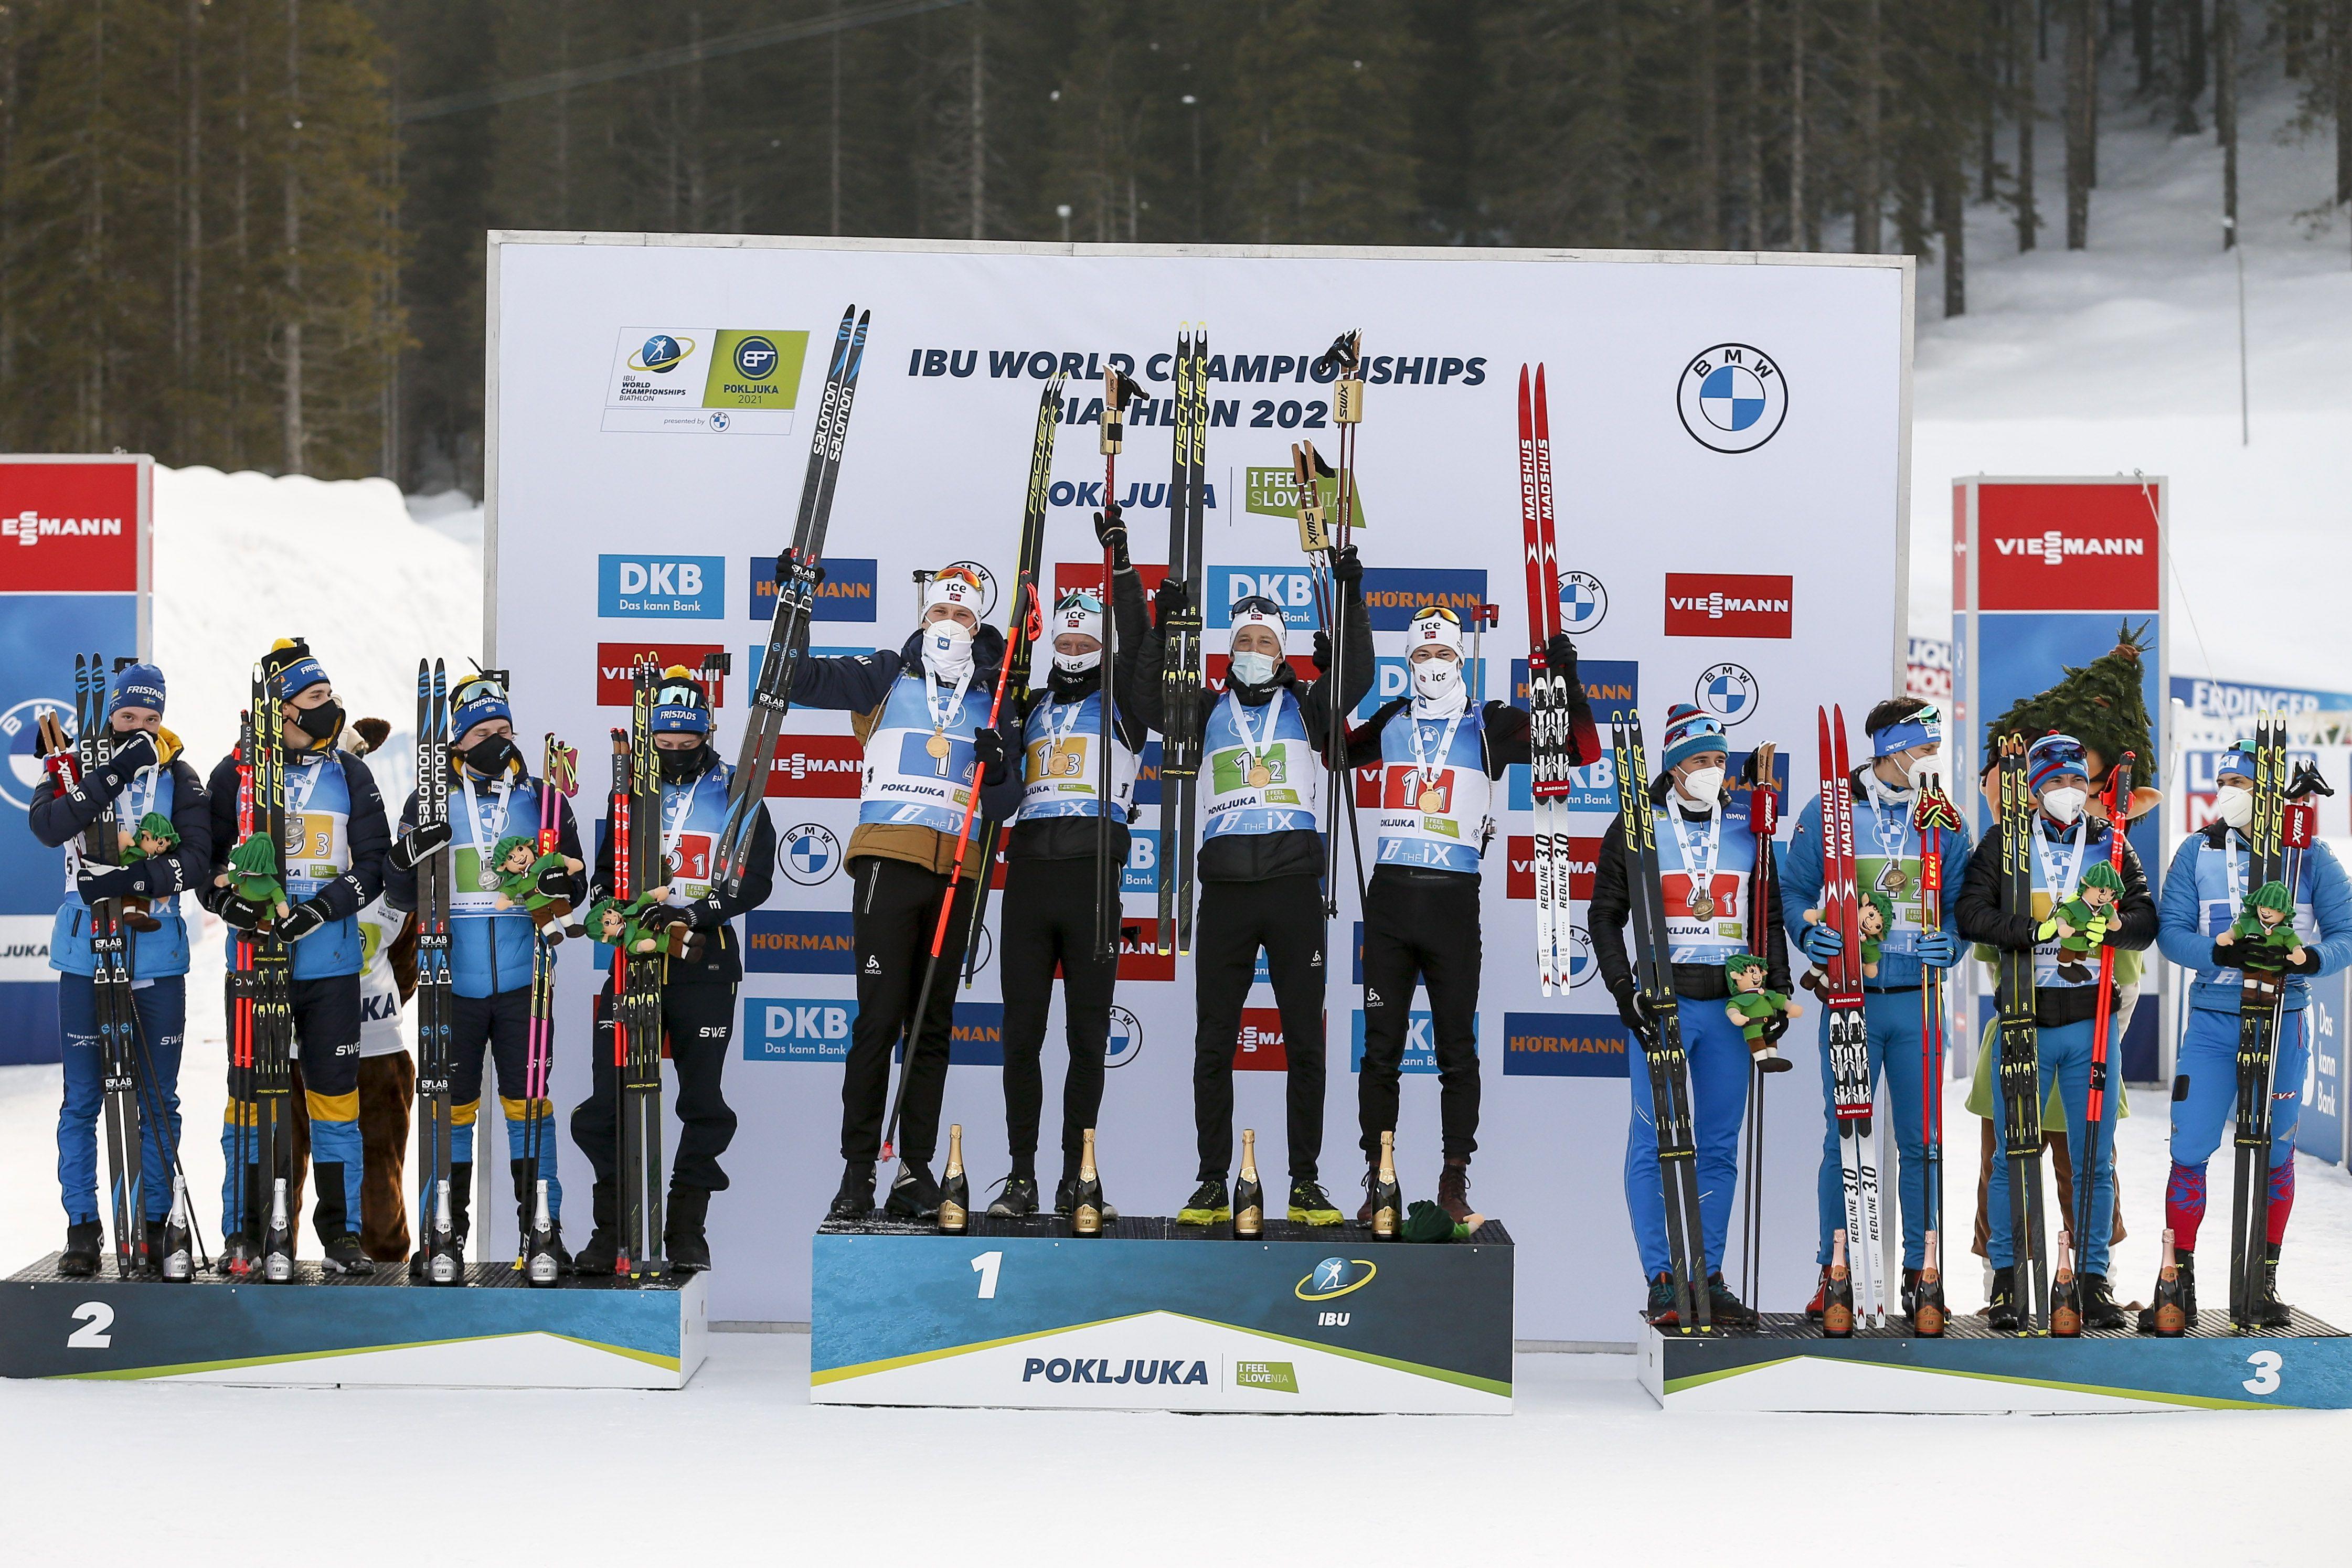 Бывший президент СБР Драчёв хочет проверить российский биатлон на допинг